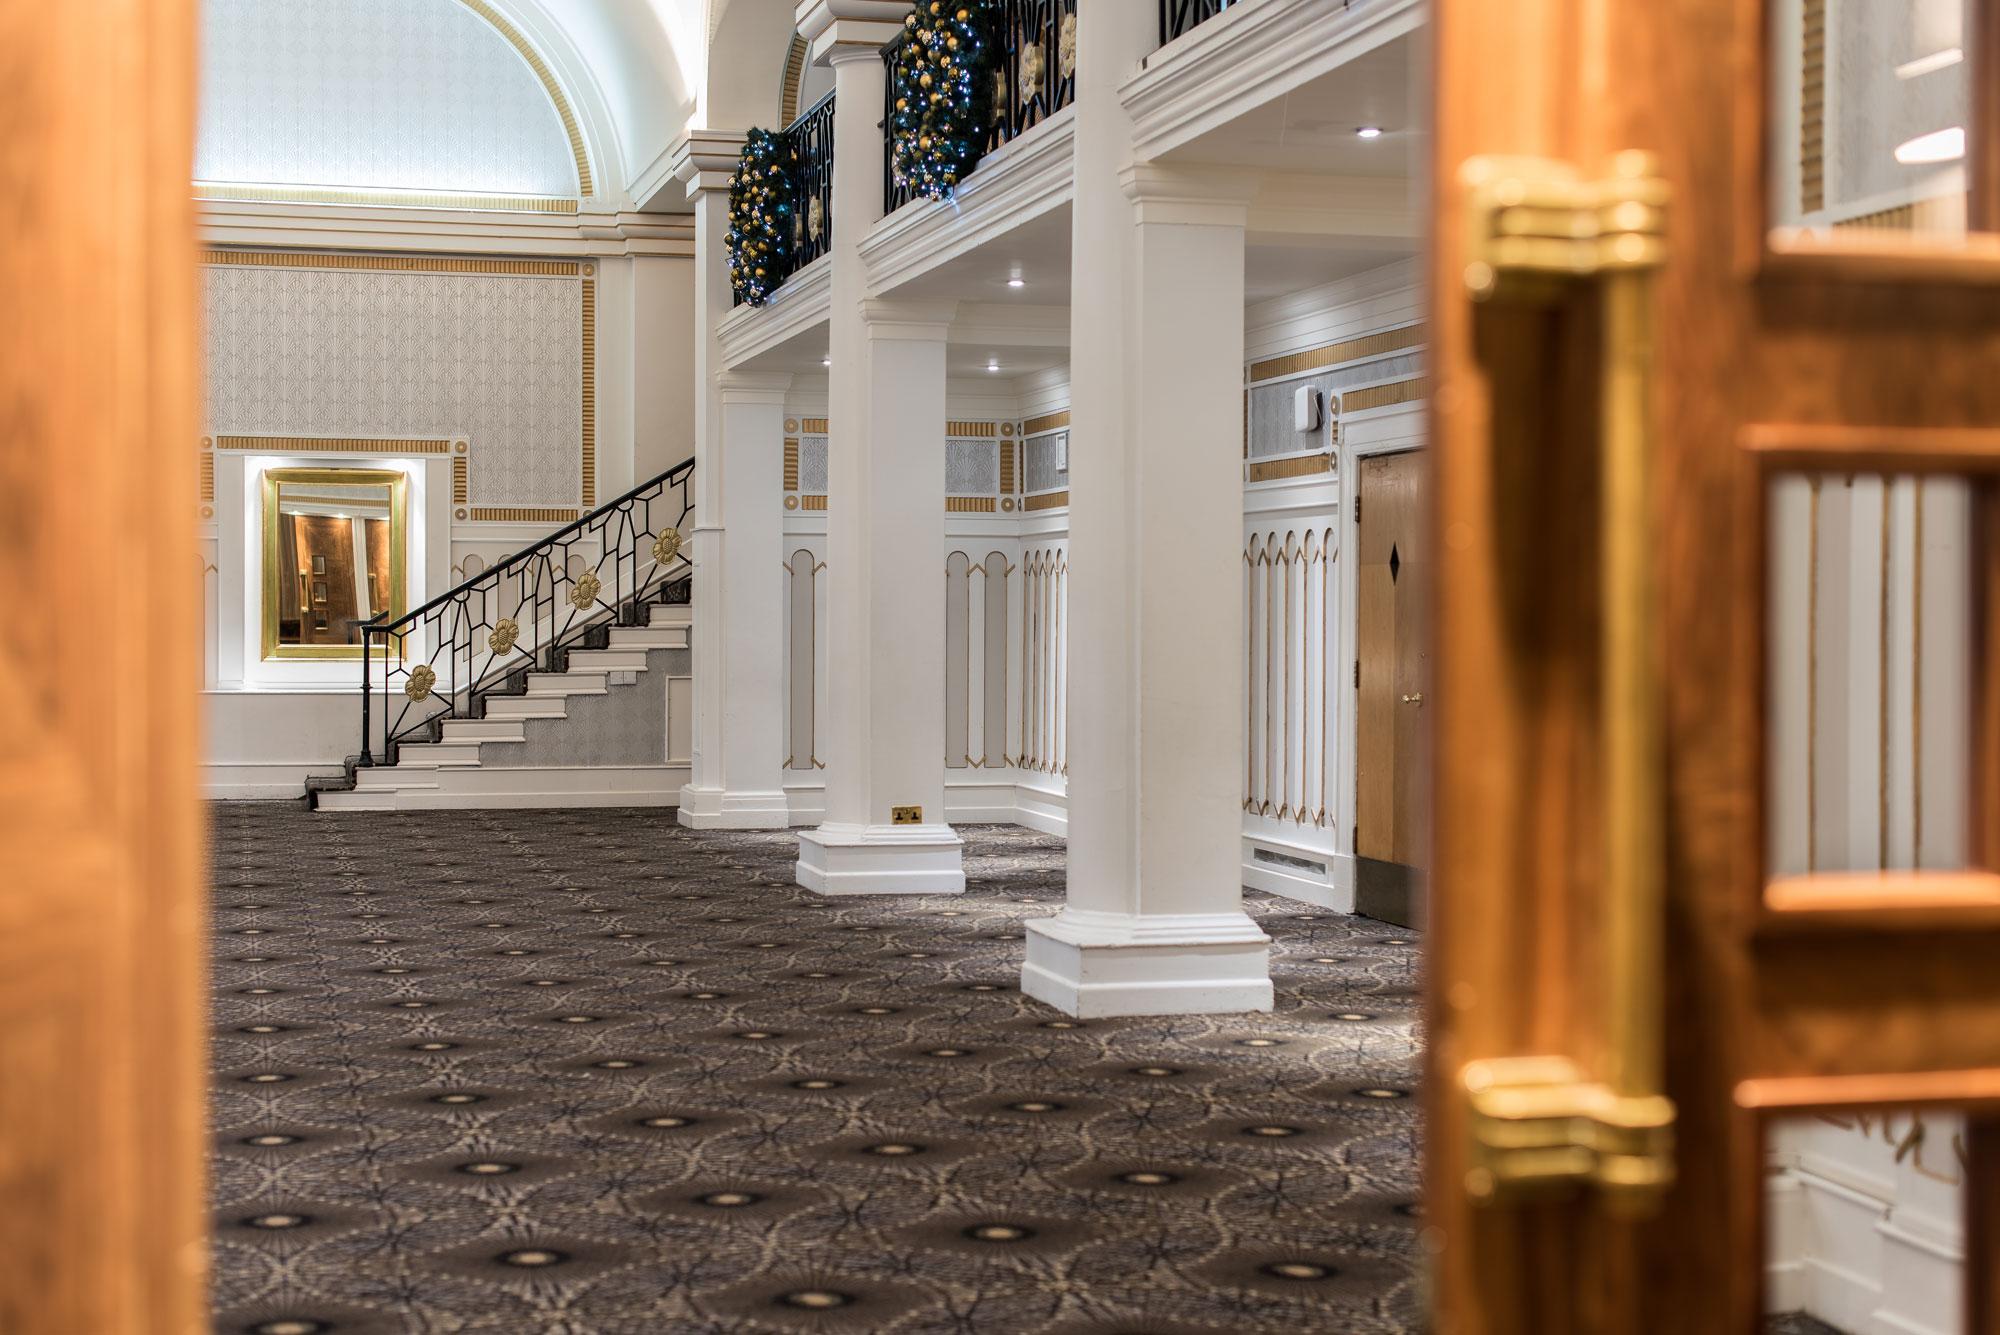 hotel-interior-photography-the-queens-leeds.jpg